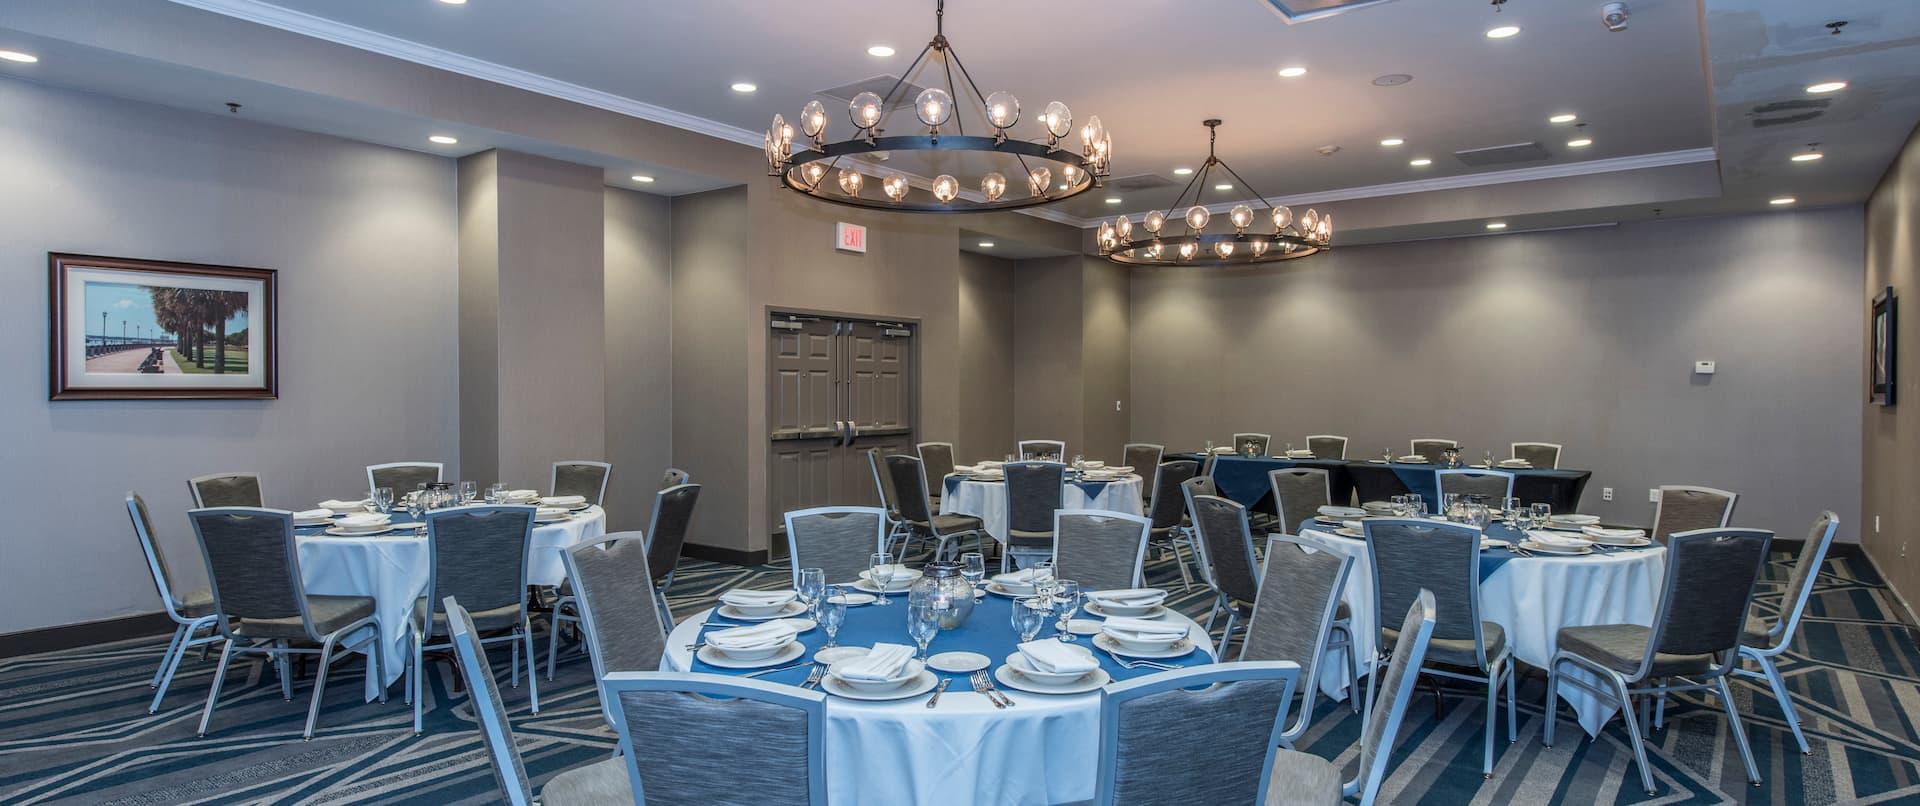 Wilson Ballroom Banquet Set Up